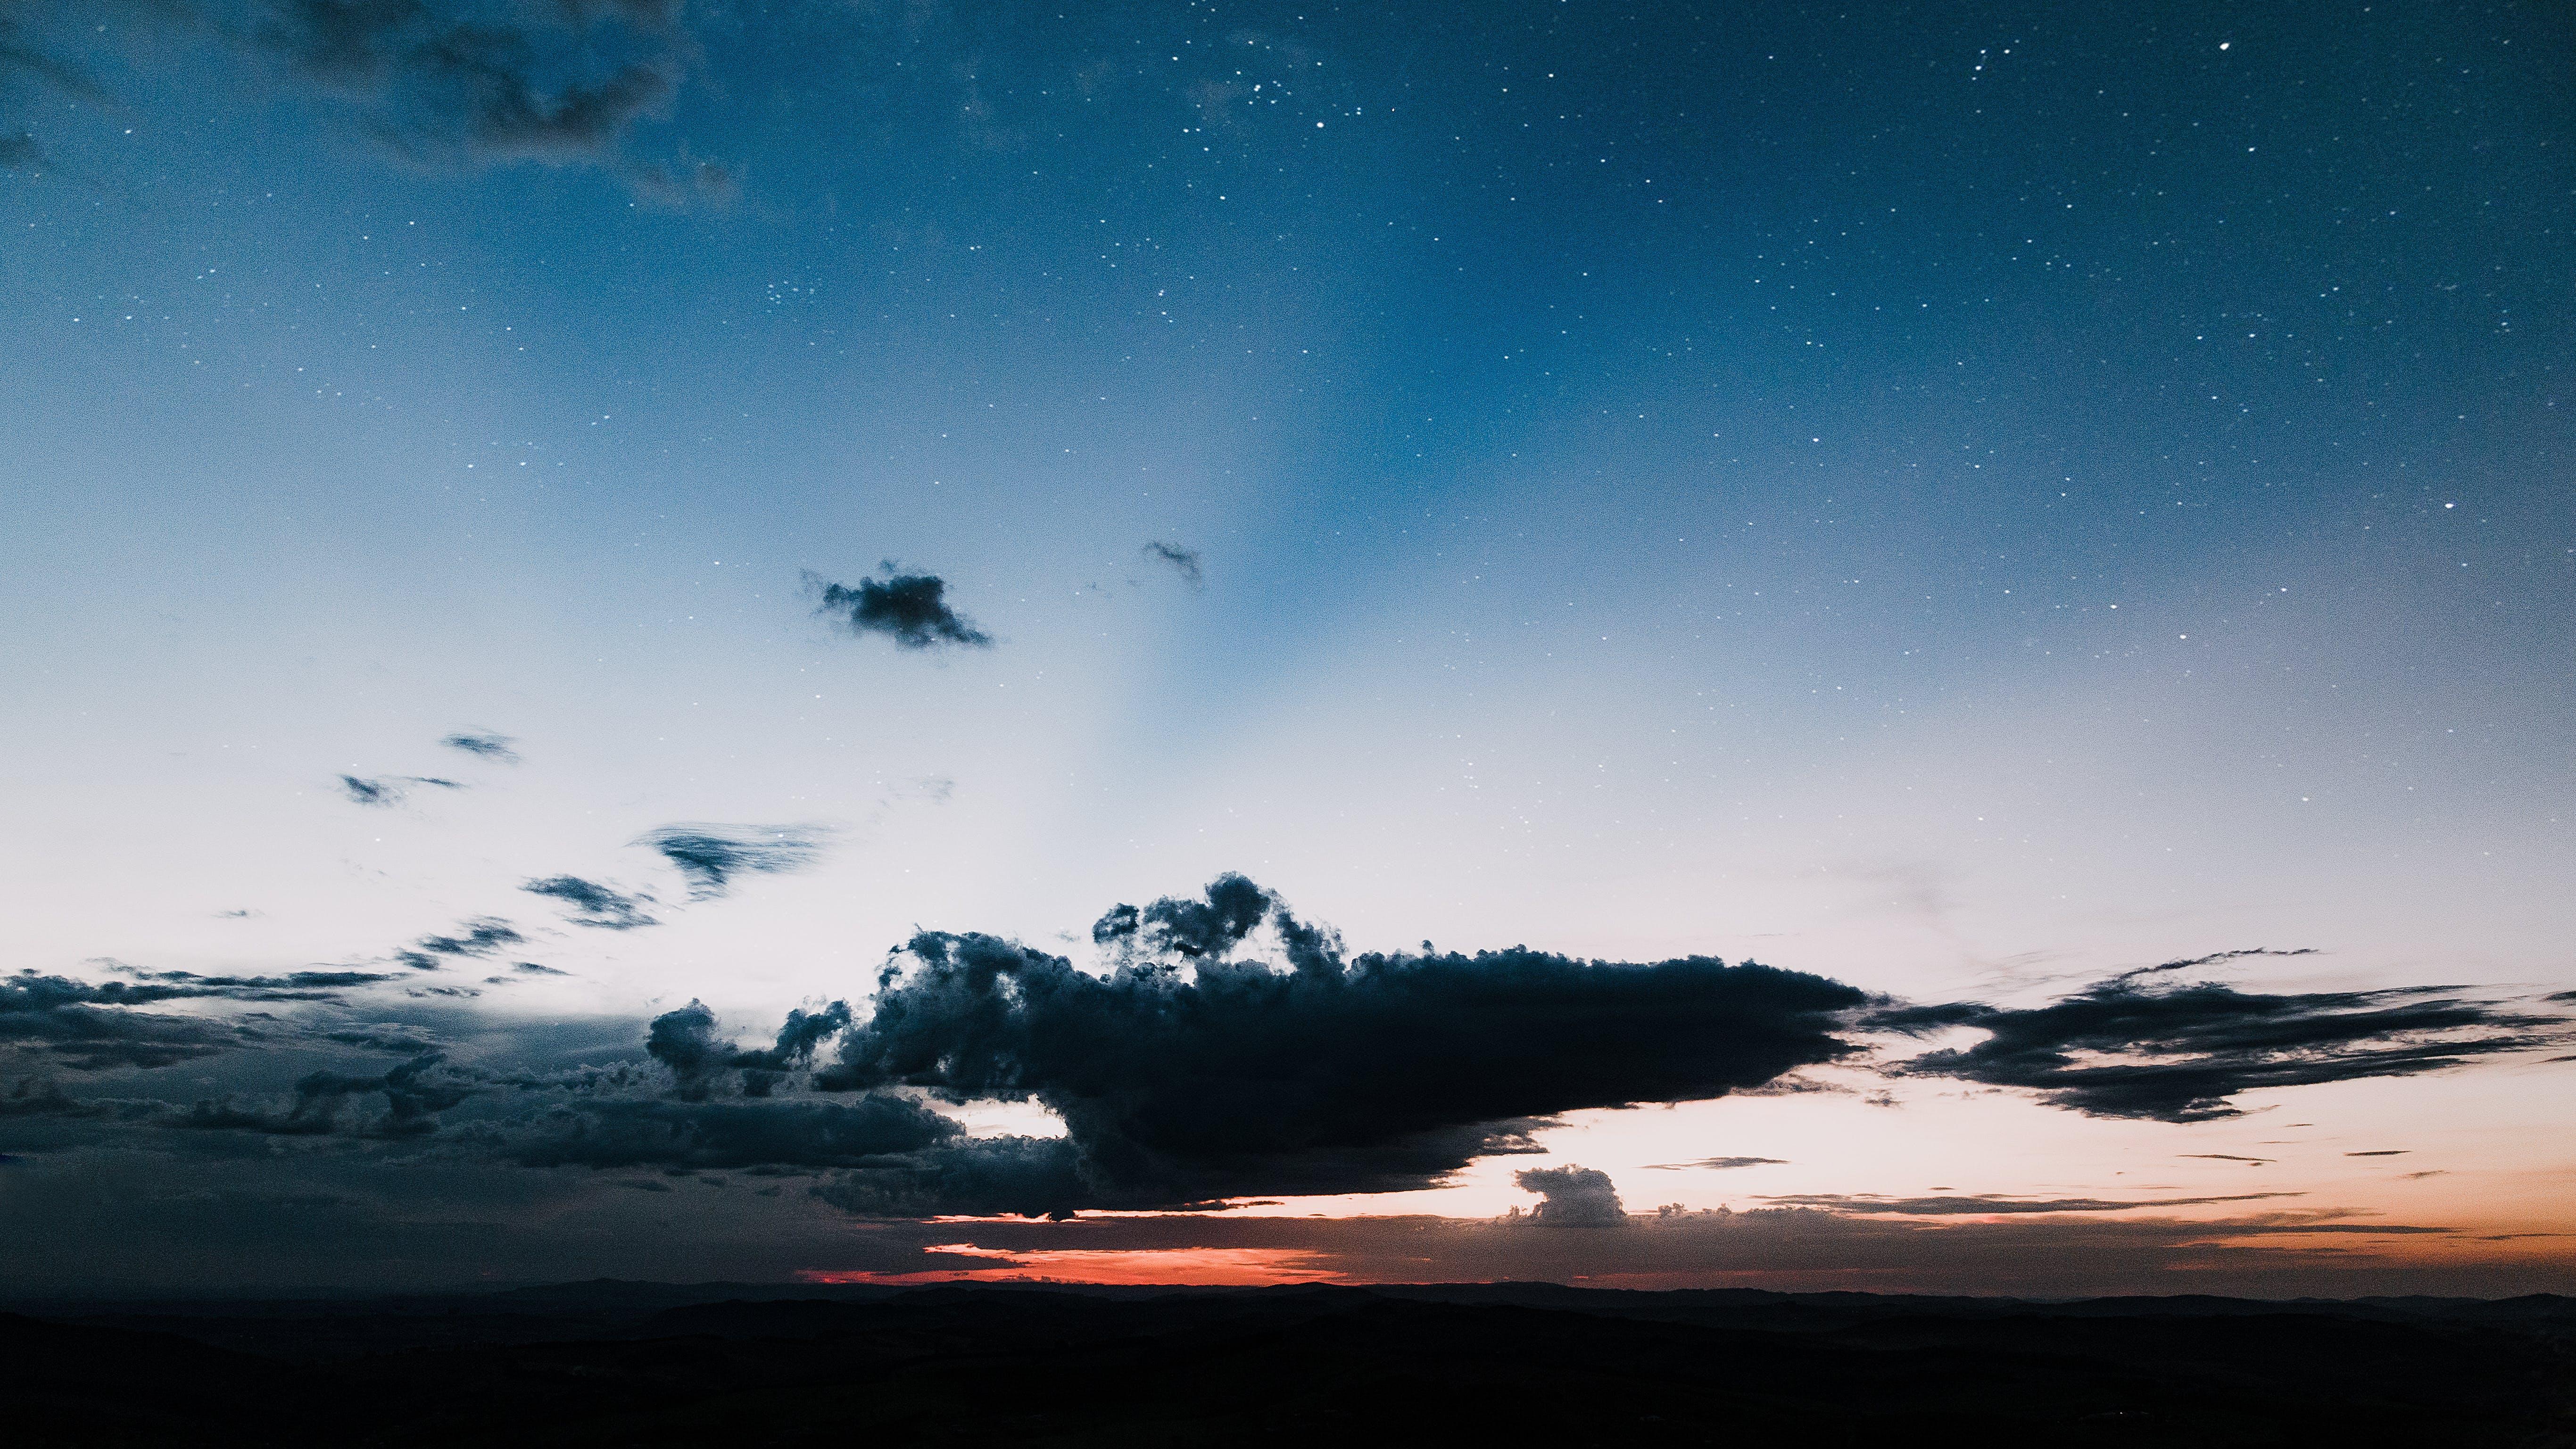 cloudscape, のどか, 夜明け, 山岳の無料の写真素材